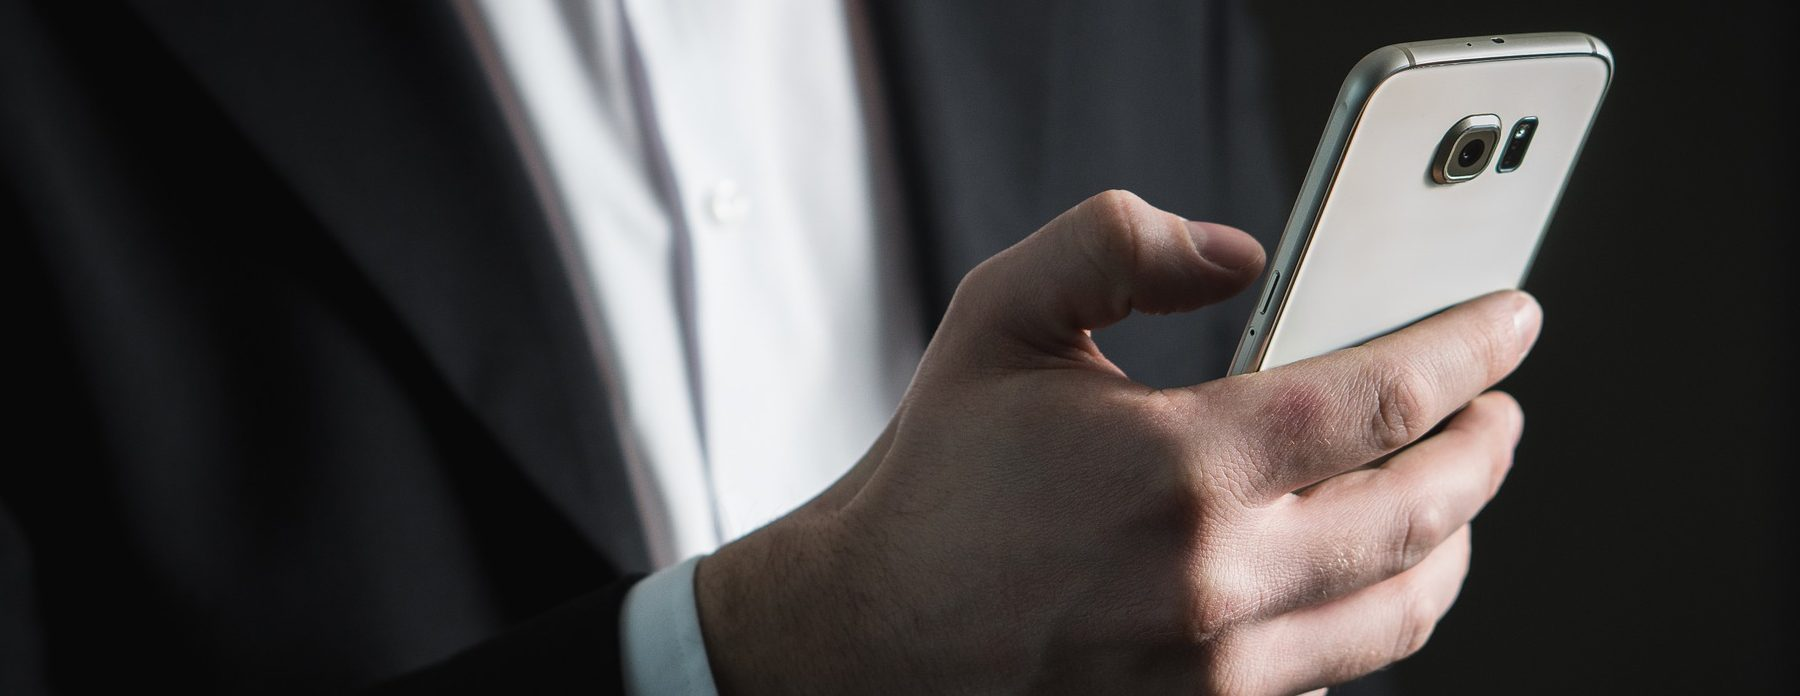 Alarga la vida de tu móvil: 5 cosas que no debes hacer si quieres que dure más de dos años